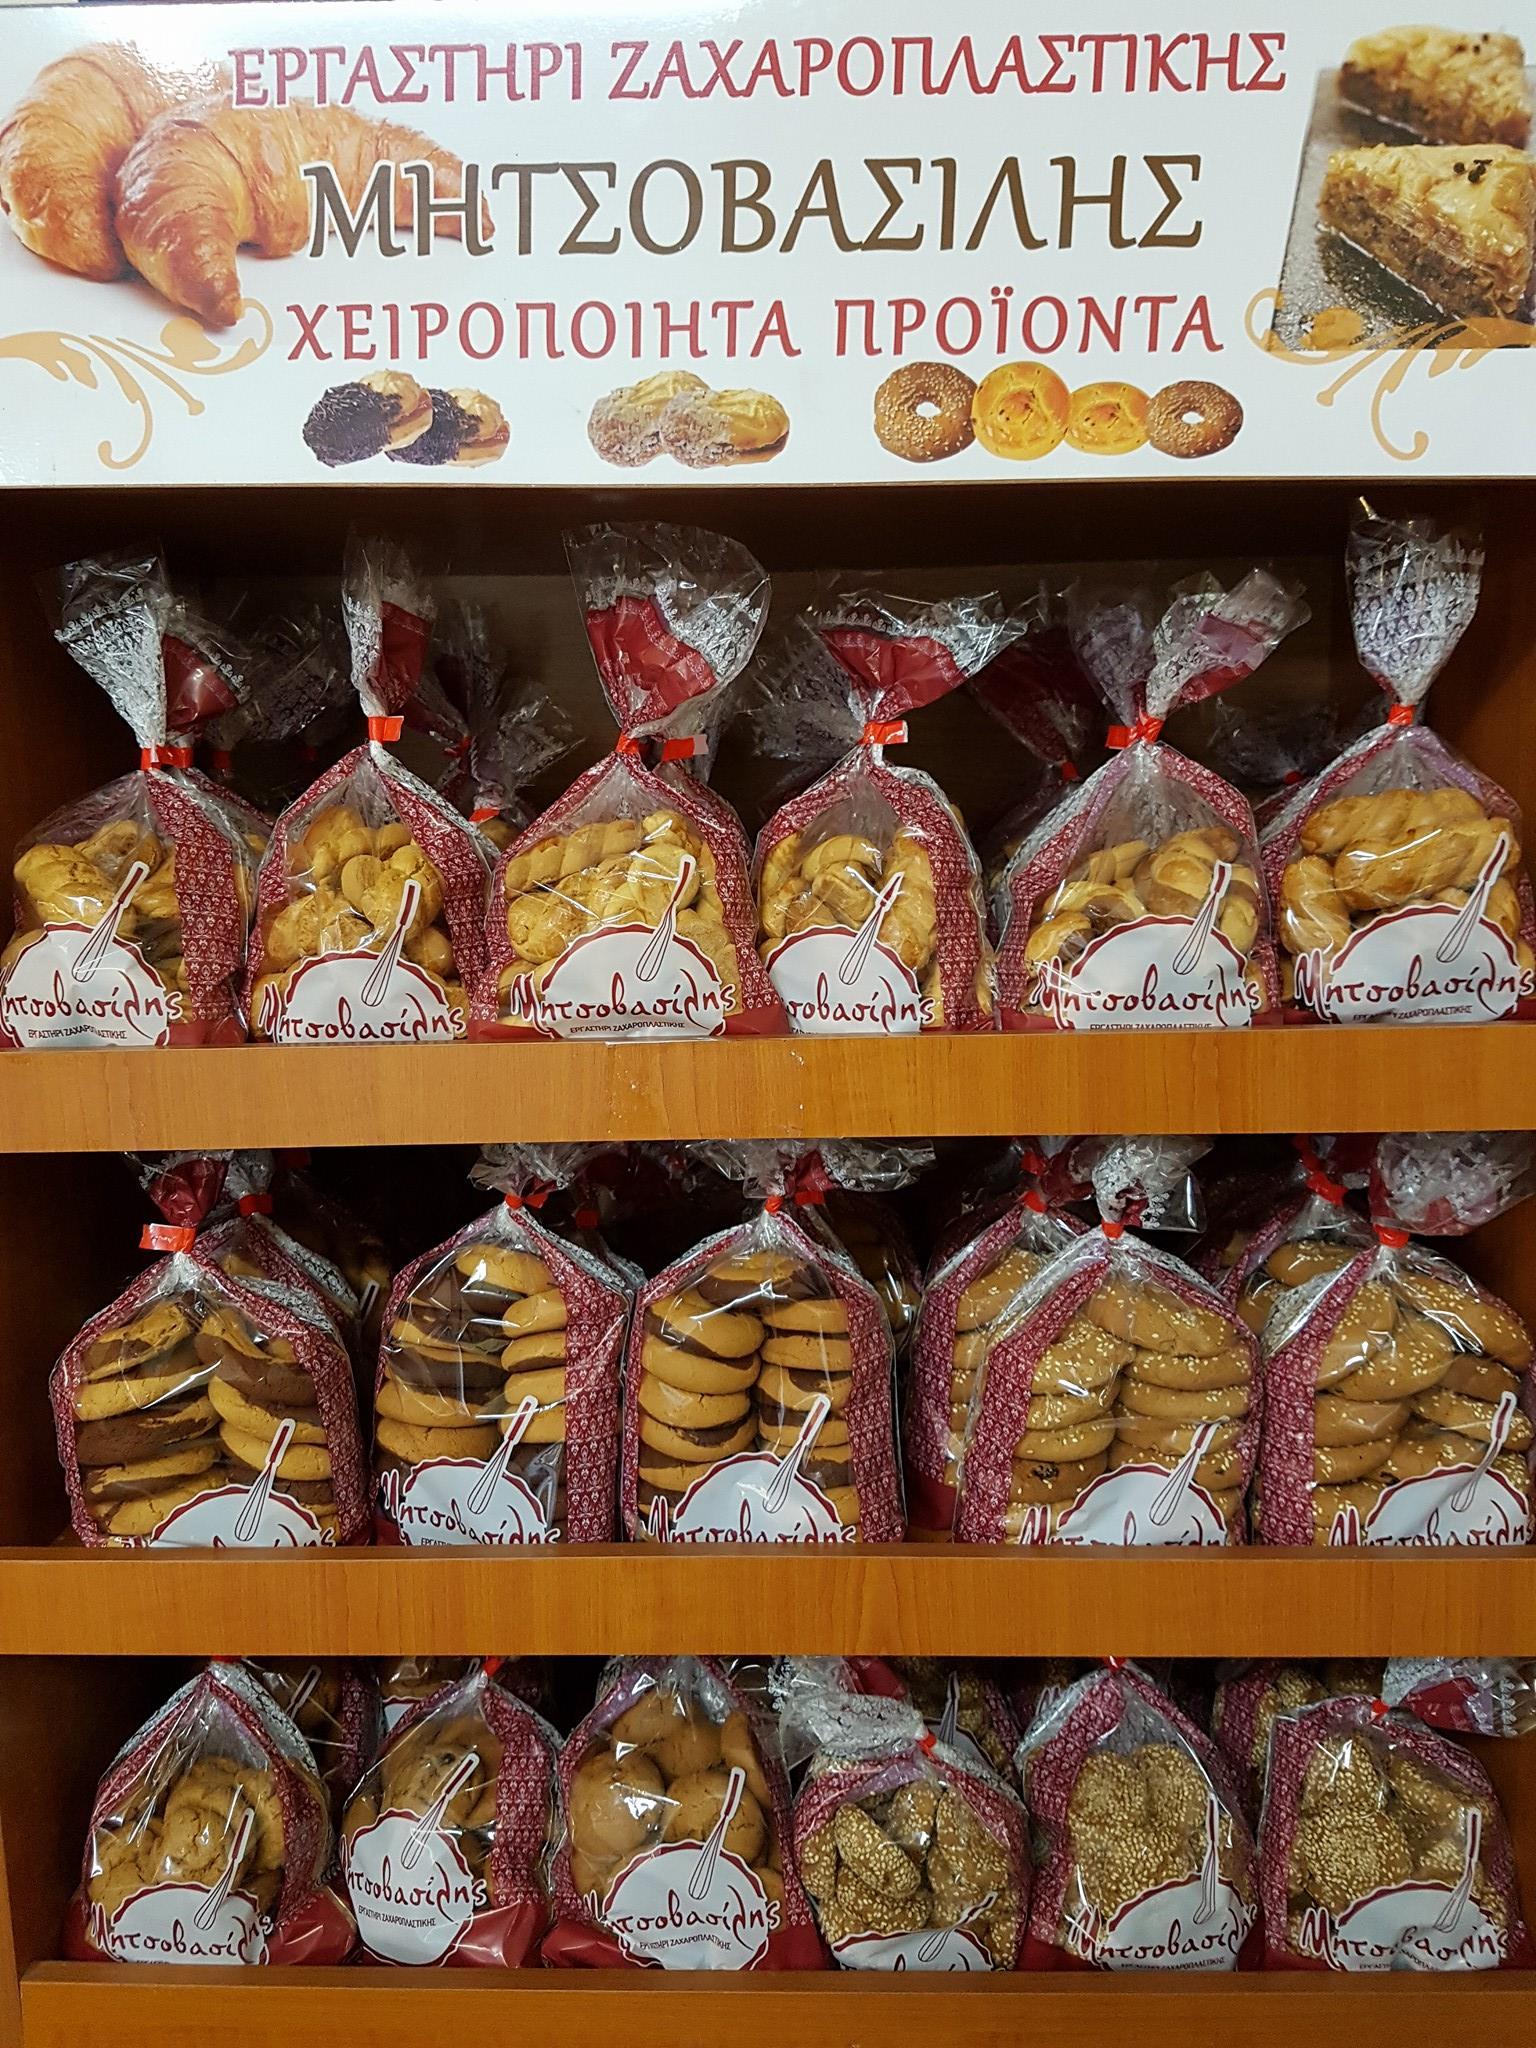 Εργαστήρι Μιτσοβασιλης (4) Κέρκυρα | corfugreece.gr